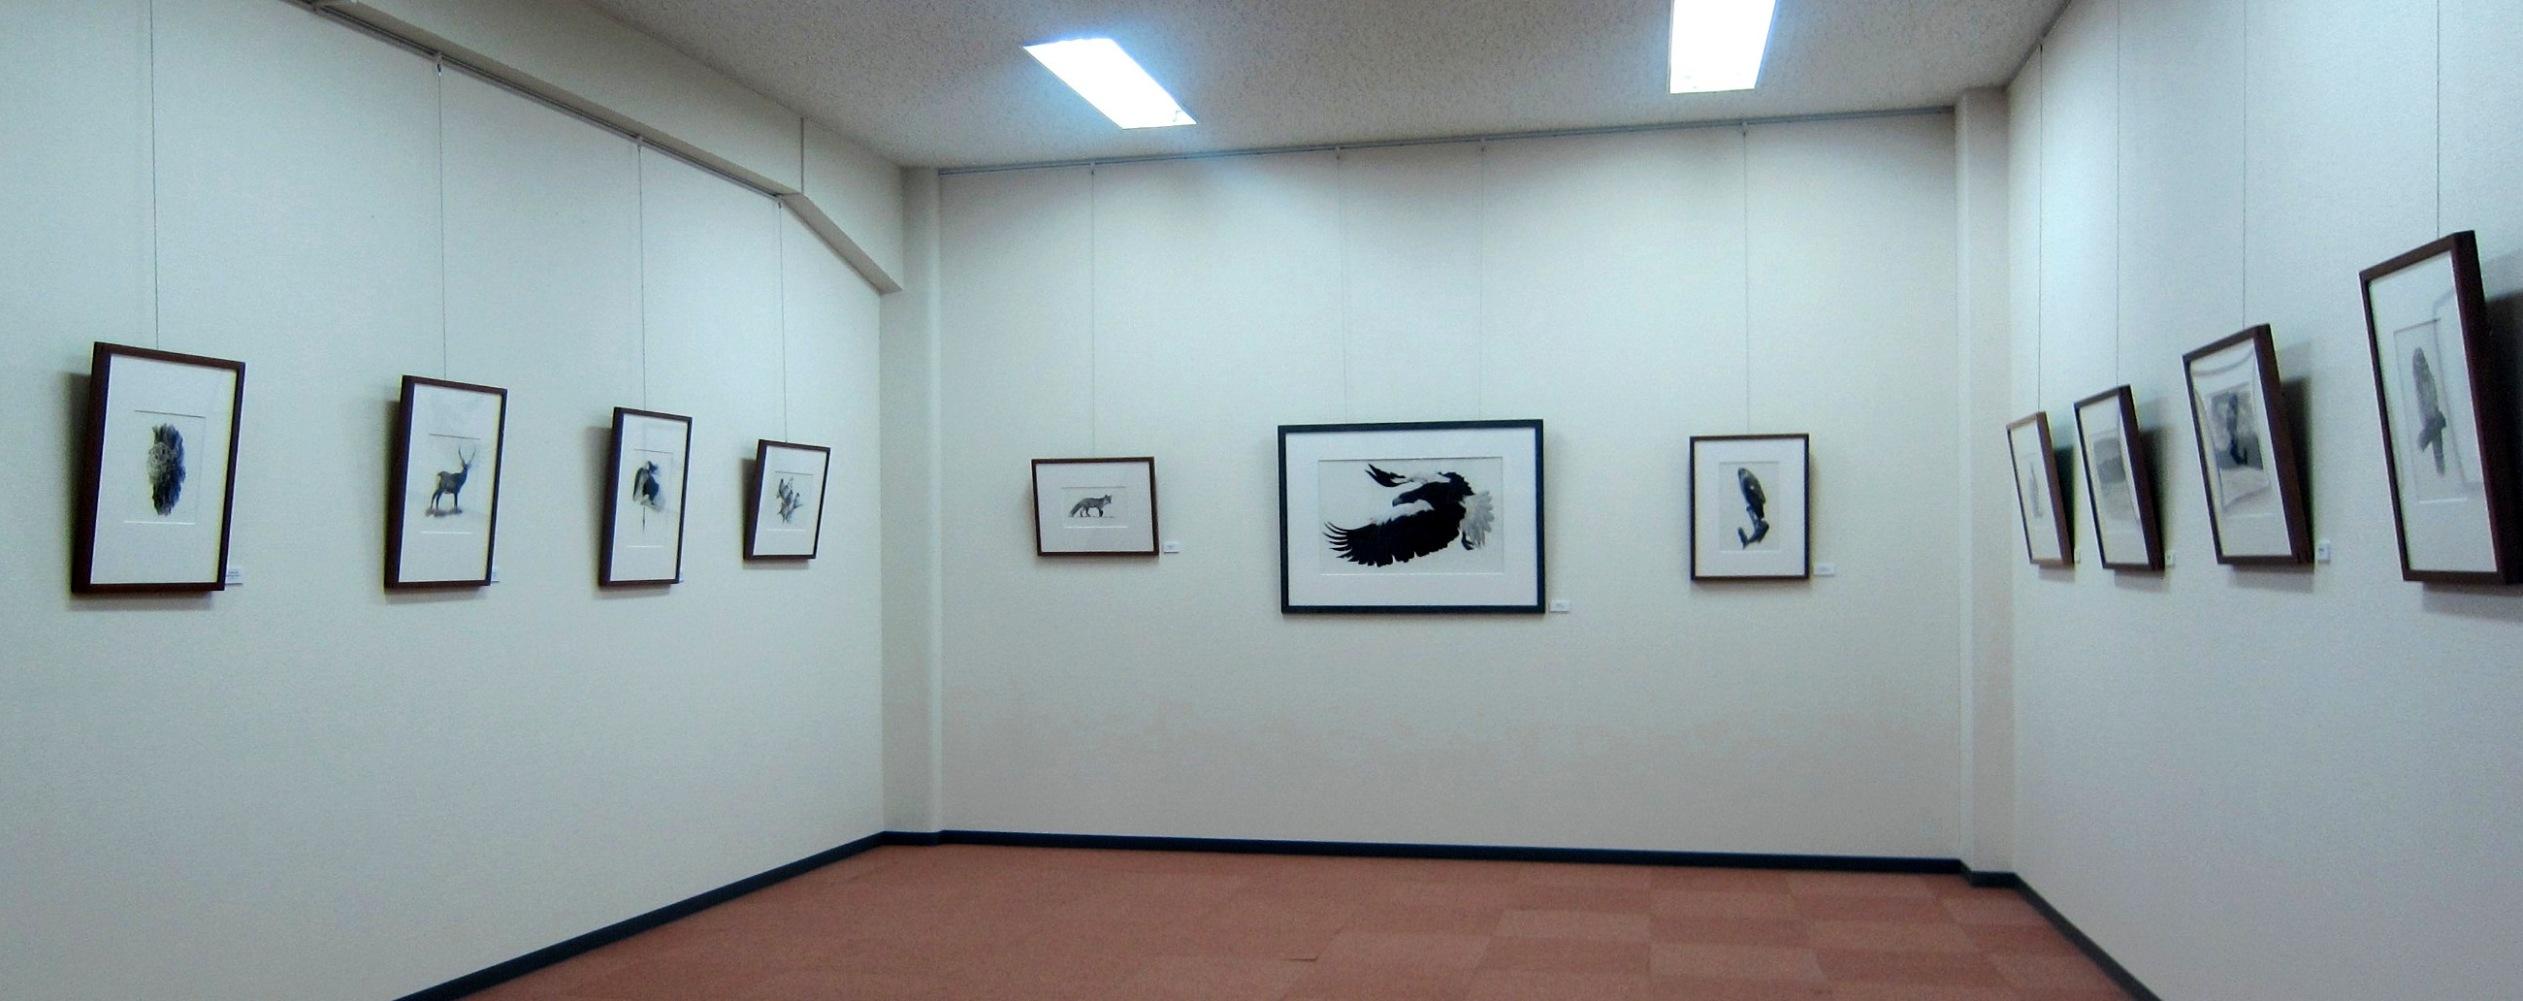 2033)「増田寿志 展 [Nature]」 北海道文化財団ART SPACE 3月28日(木)~5月24日(金)_f0126829_1281029.jpg